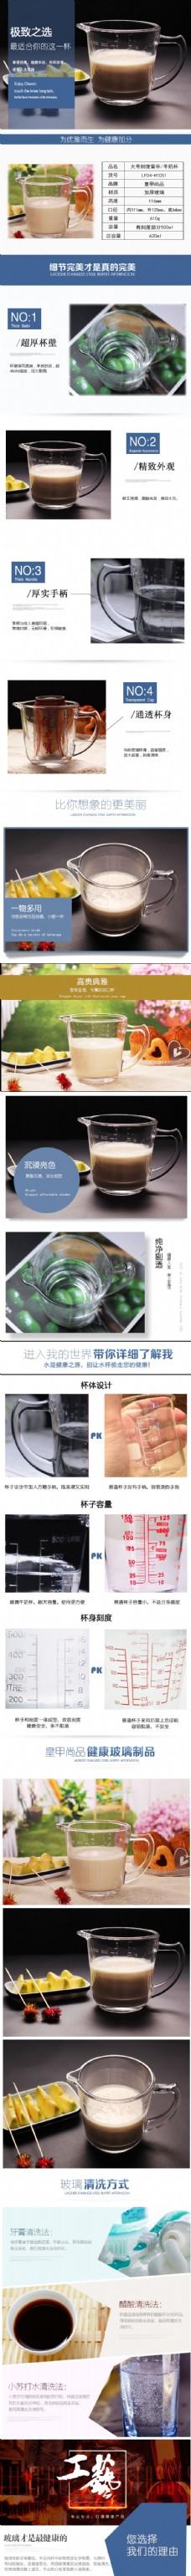 玻璃水杯详情页